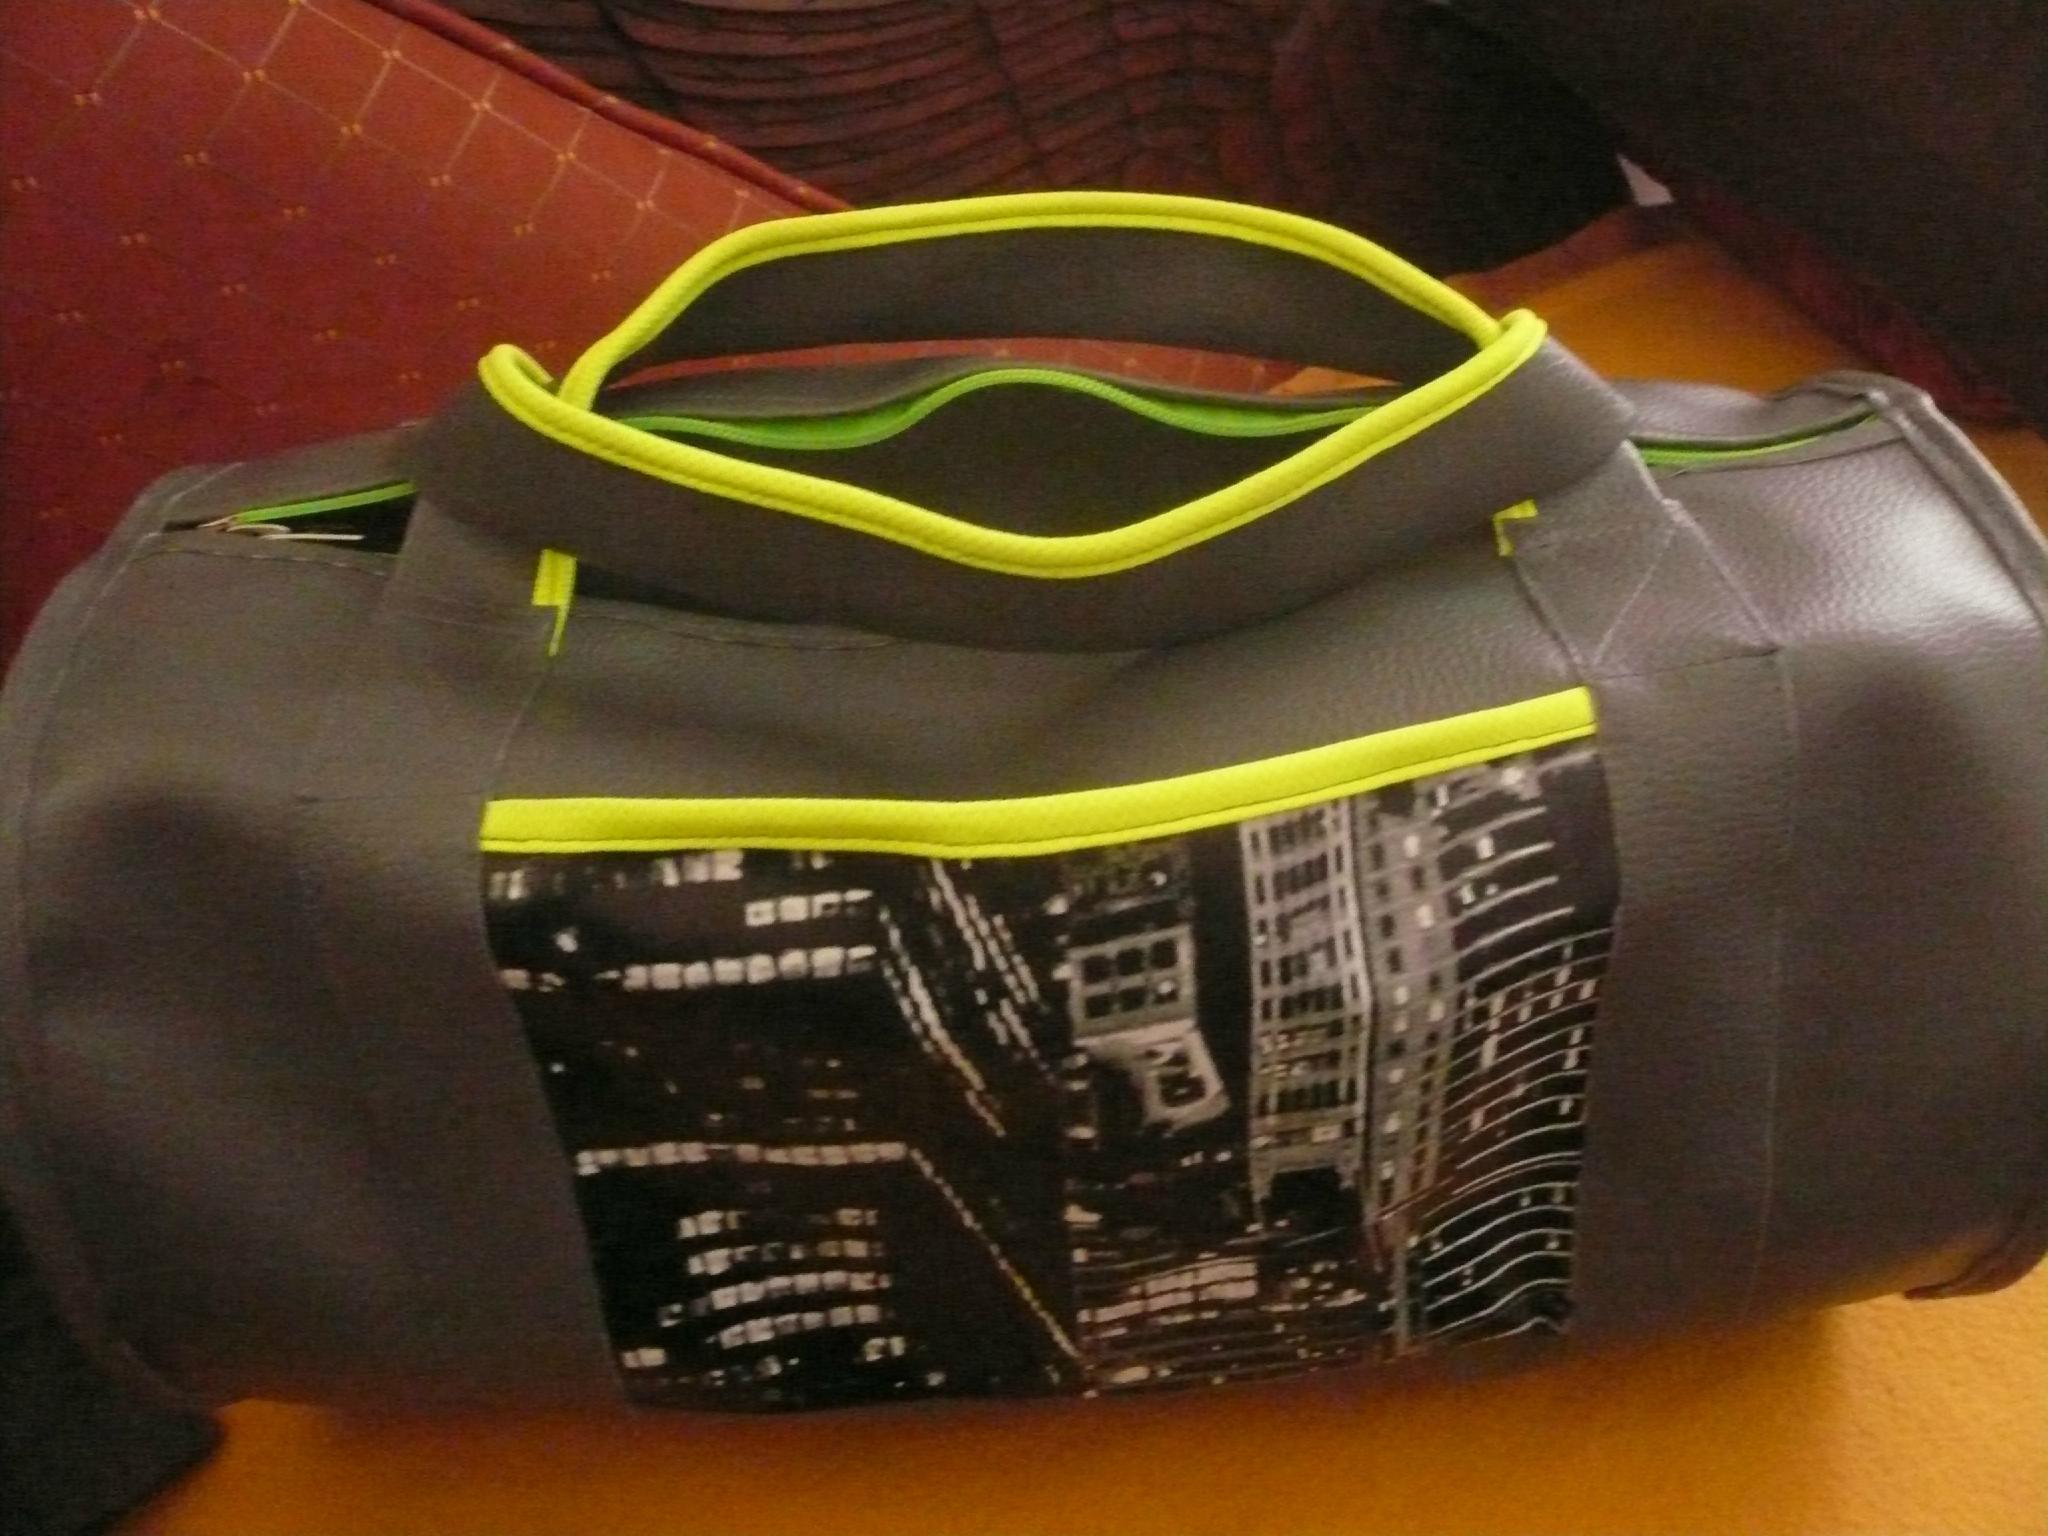 Un sac pour le basket simili et tour Newyork pour Raphaël